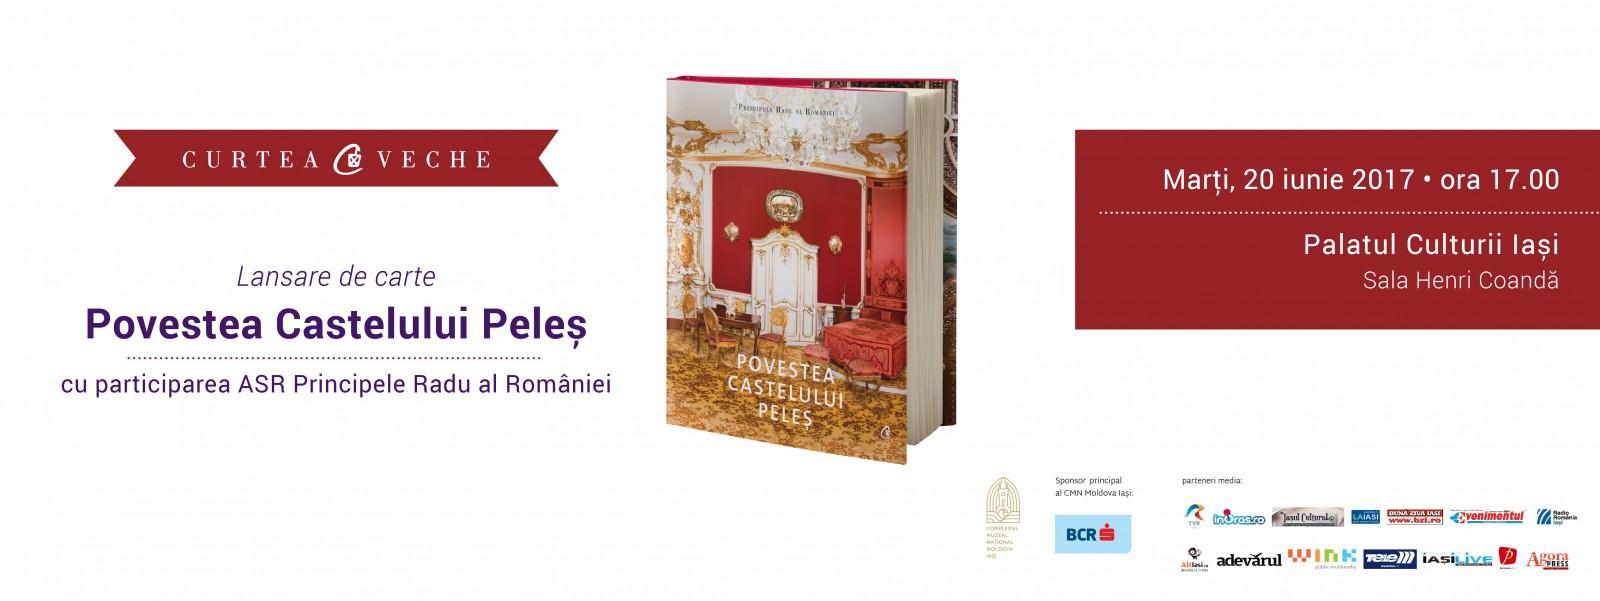 """ASR Principele Radu al României lansează, pe 20 iunie, la Palatul Culturii Iași """"Povestea Castelului Peleş"""""""